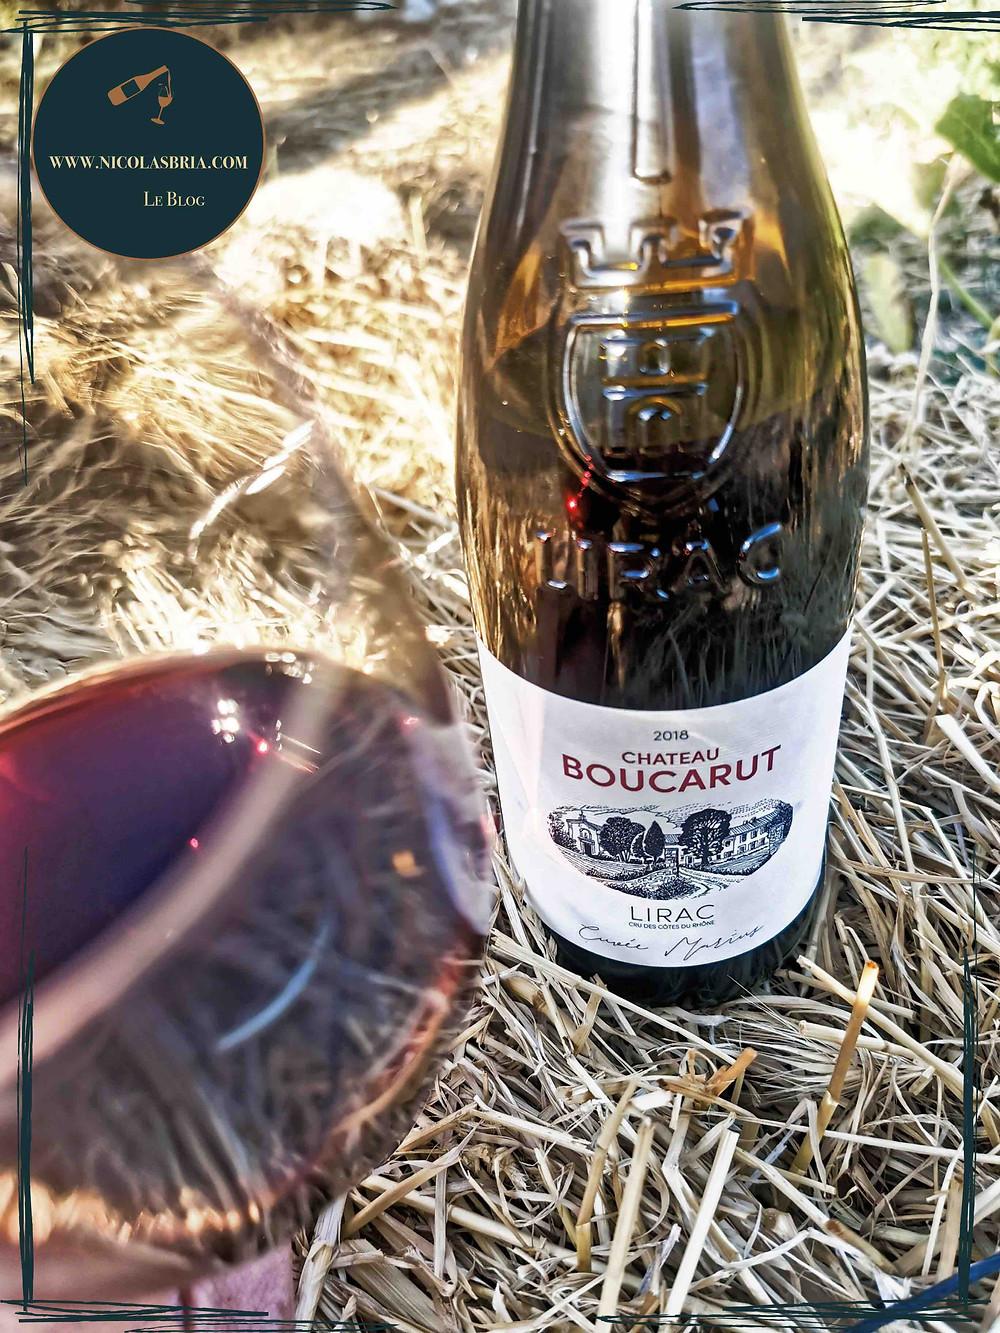 Château Boucarut - Lirac - 2018 - Vin rouge